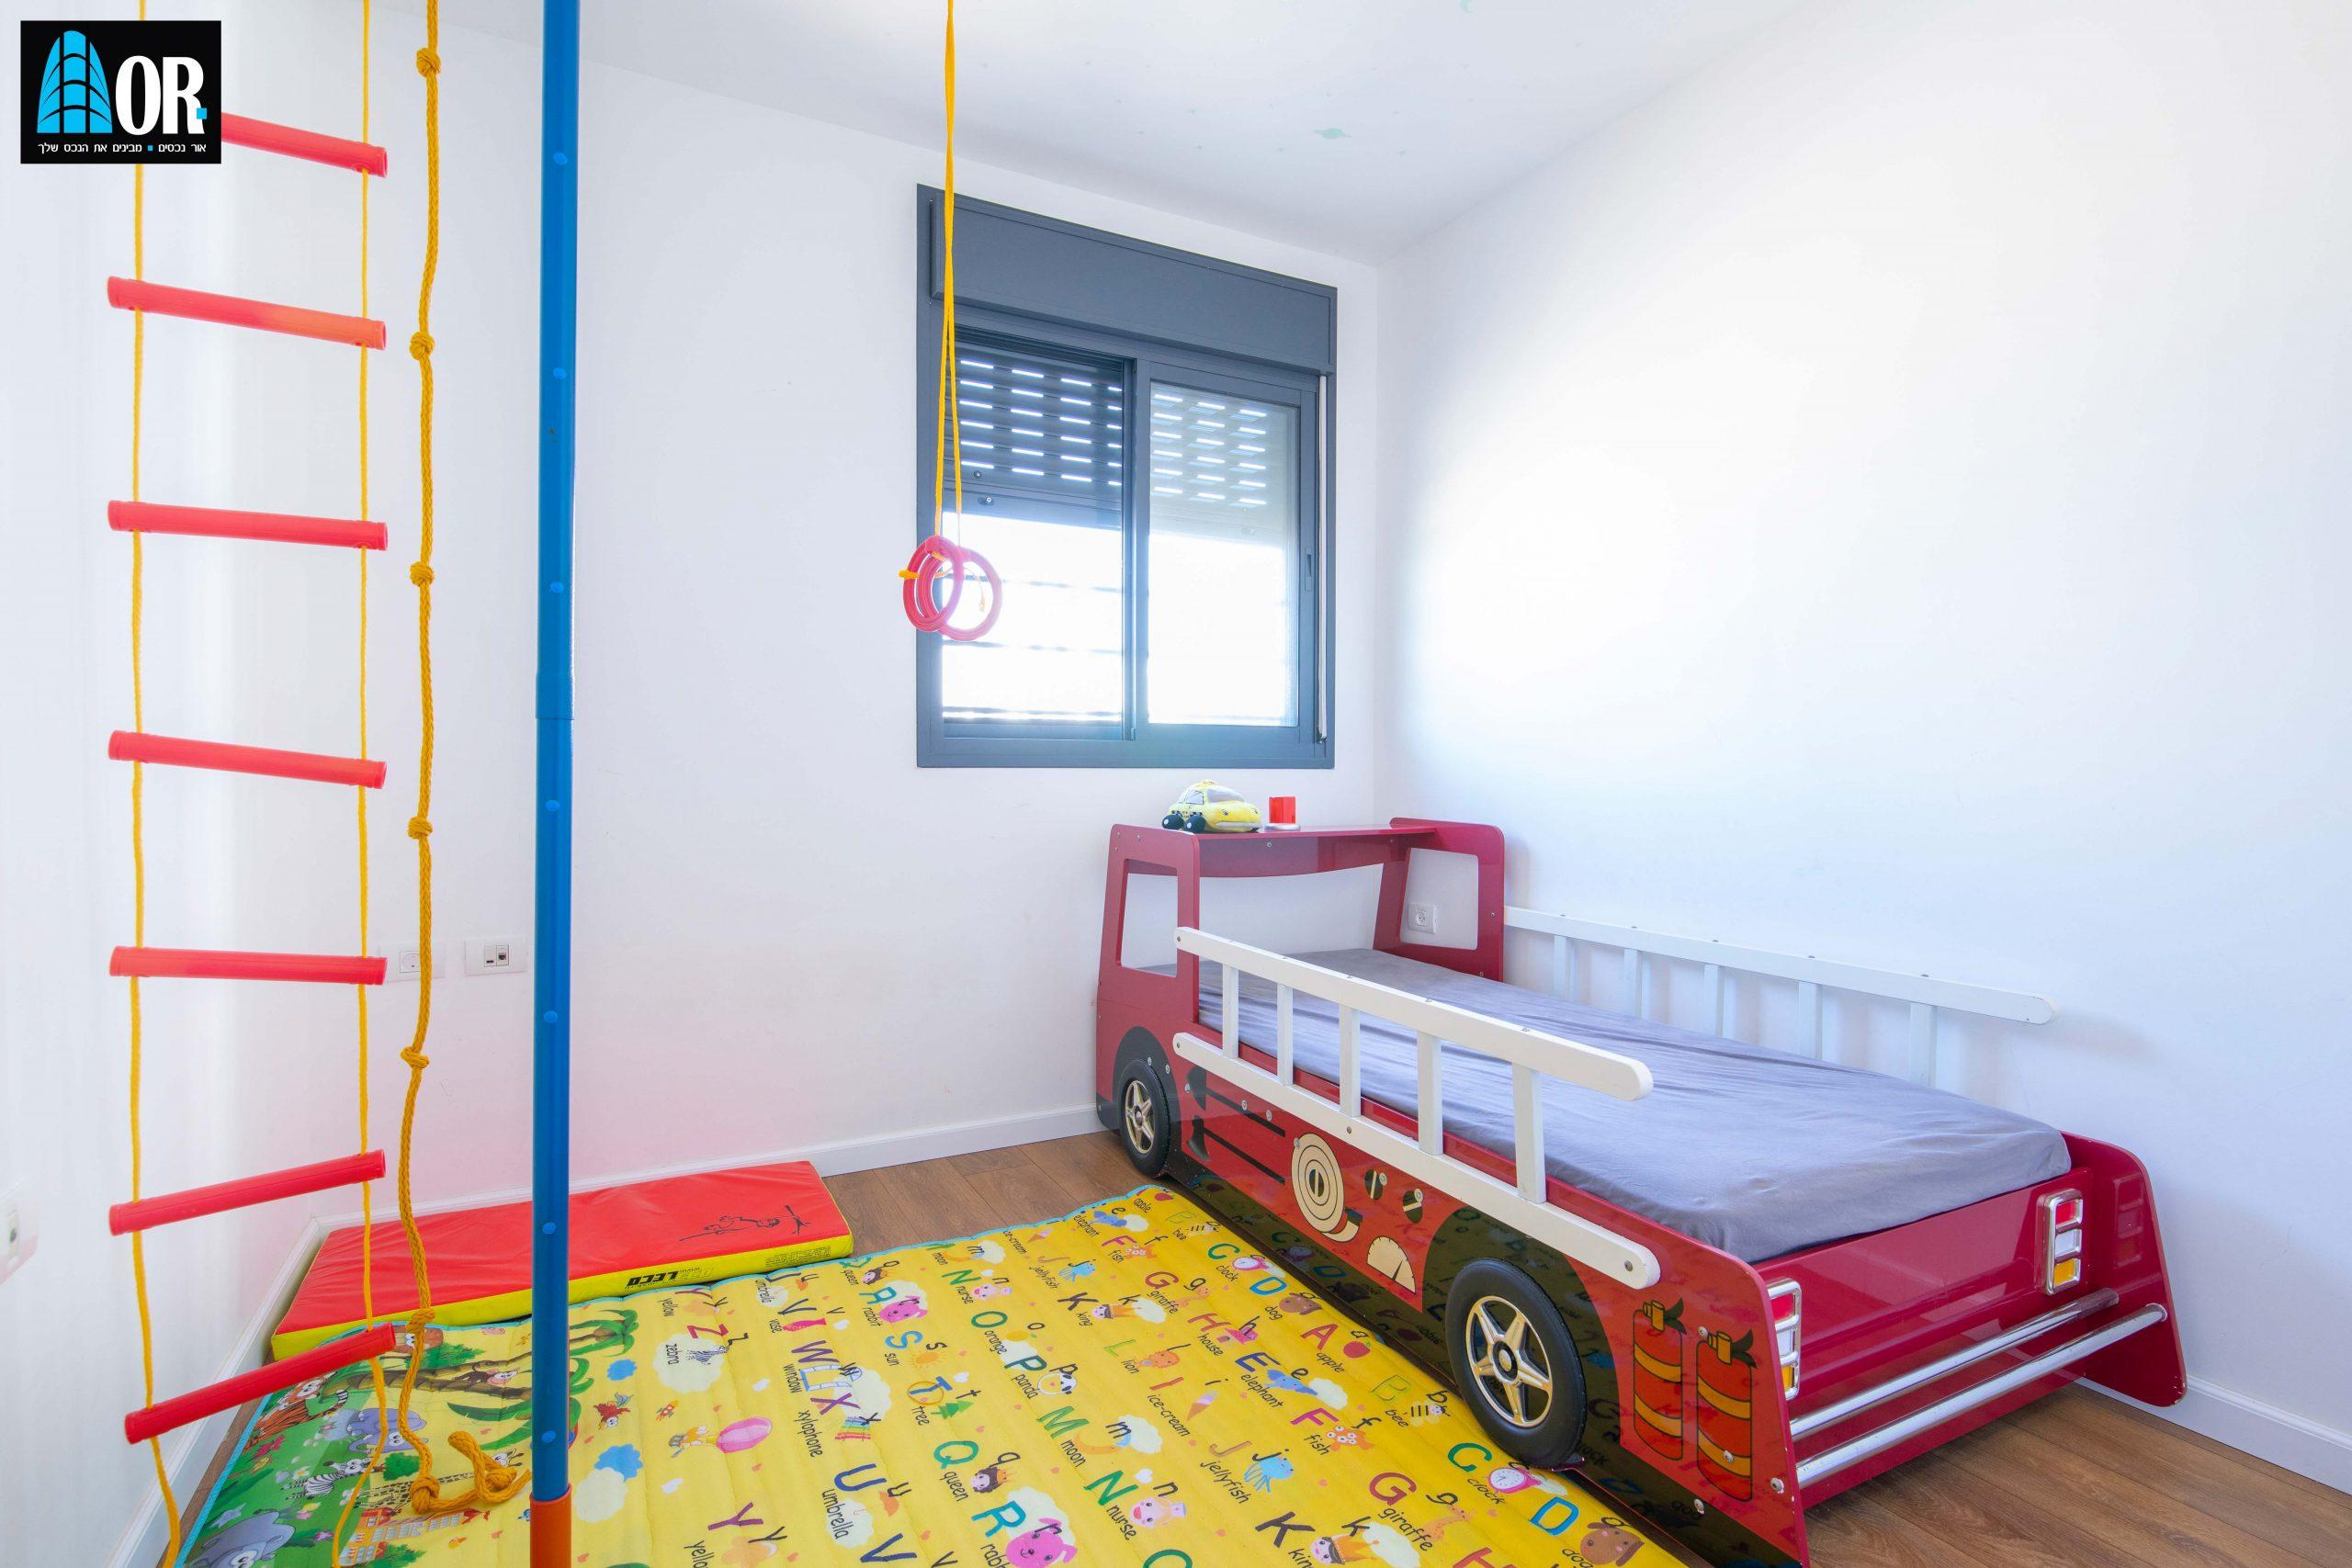 חדר ילדים דירה 5 חדרים שכונה צמרות